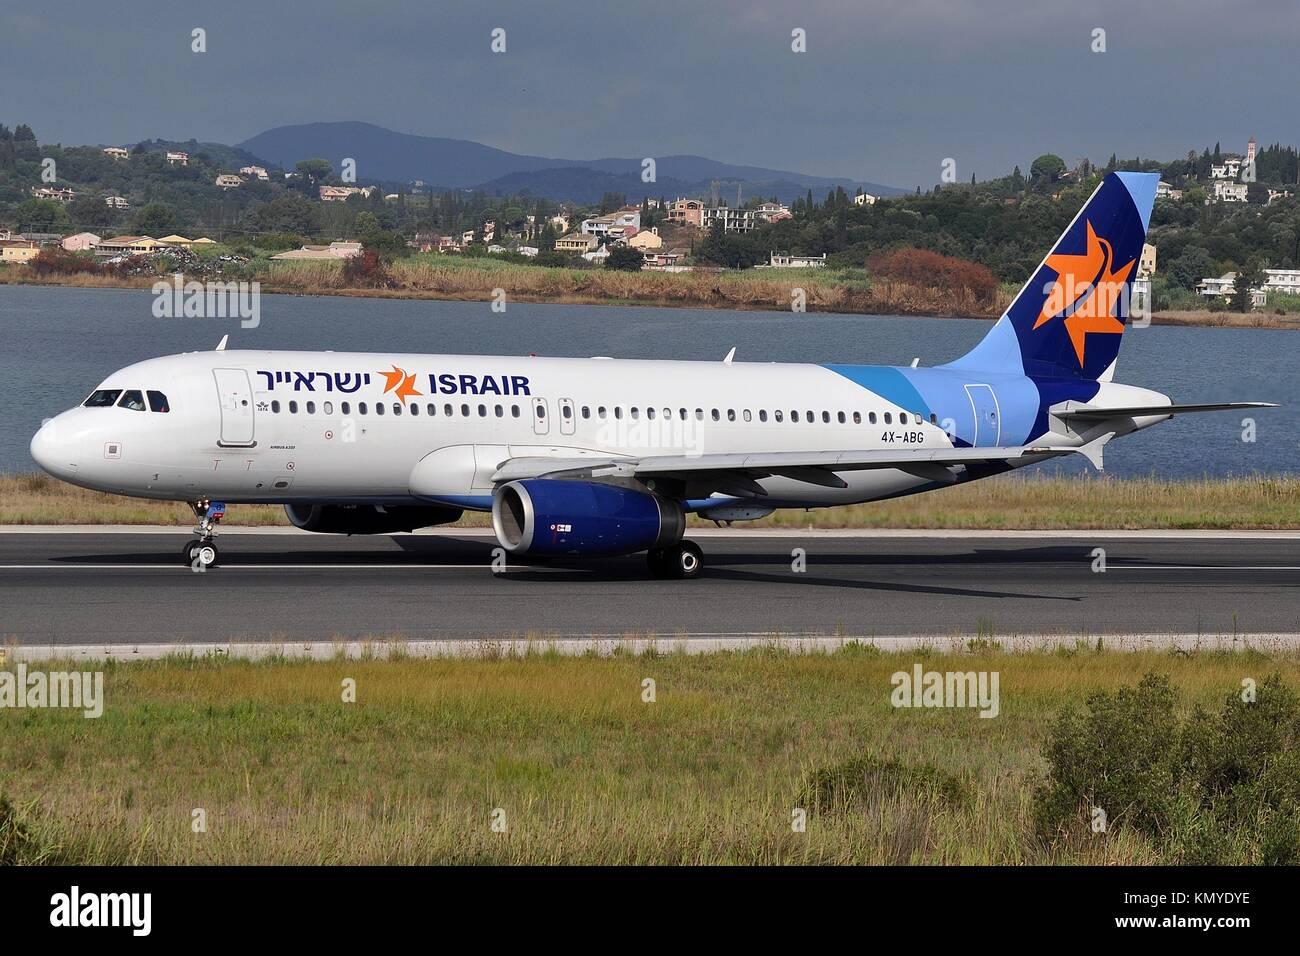 ISRAIR AIRBUS A320-200 4X-ABG - Stock Image